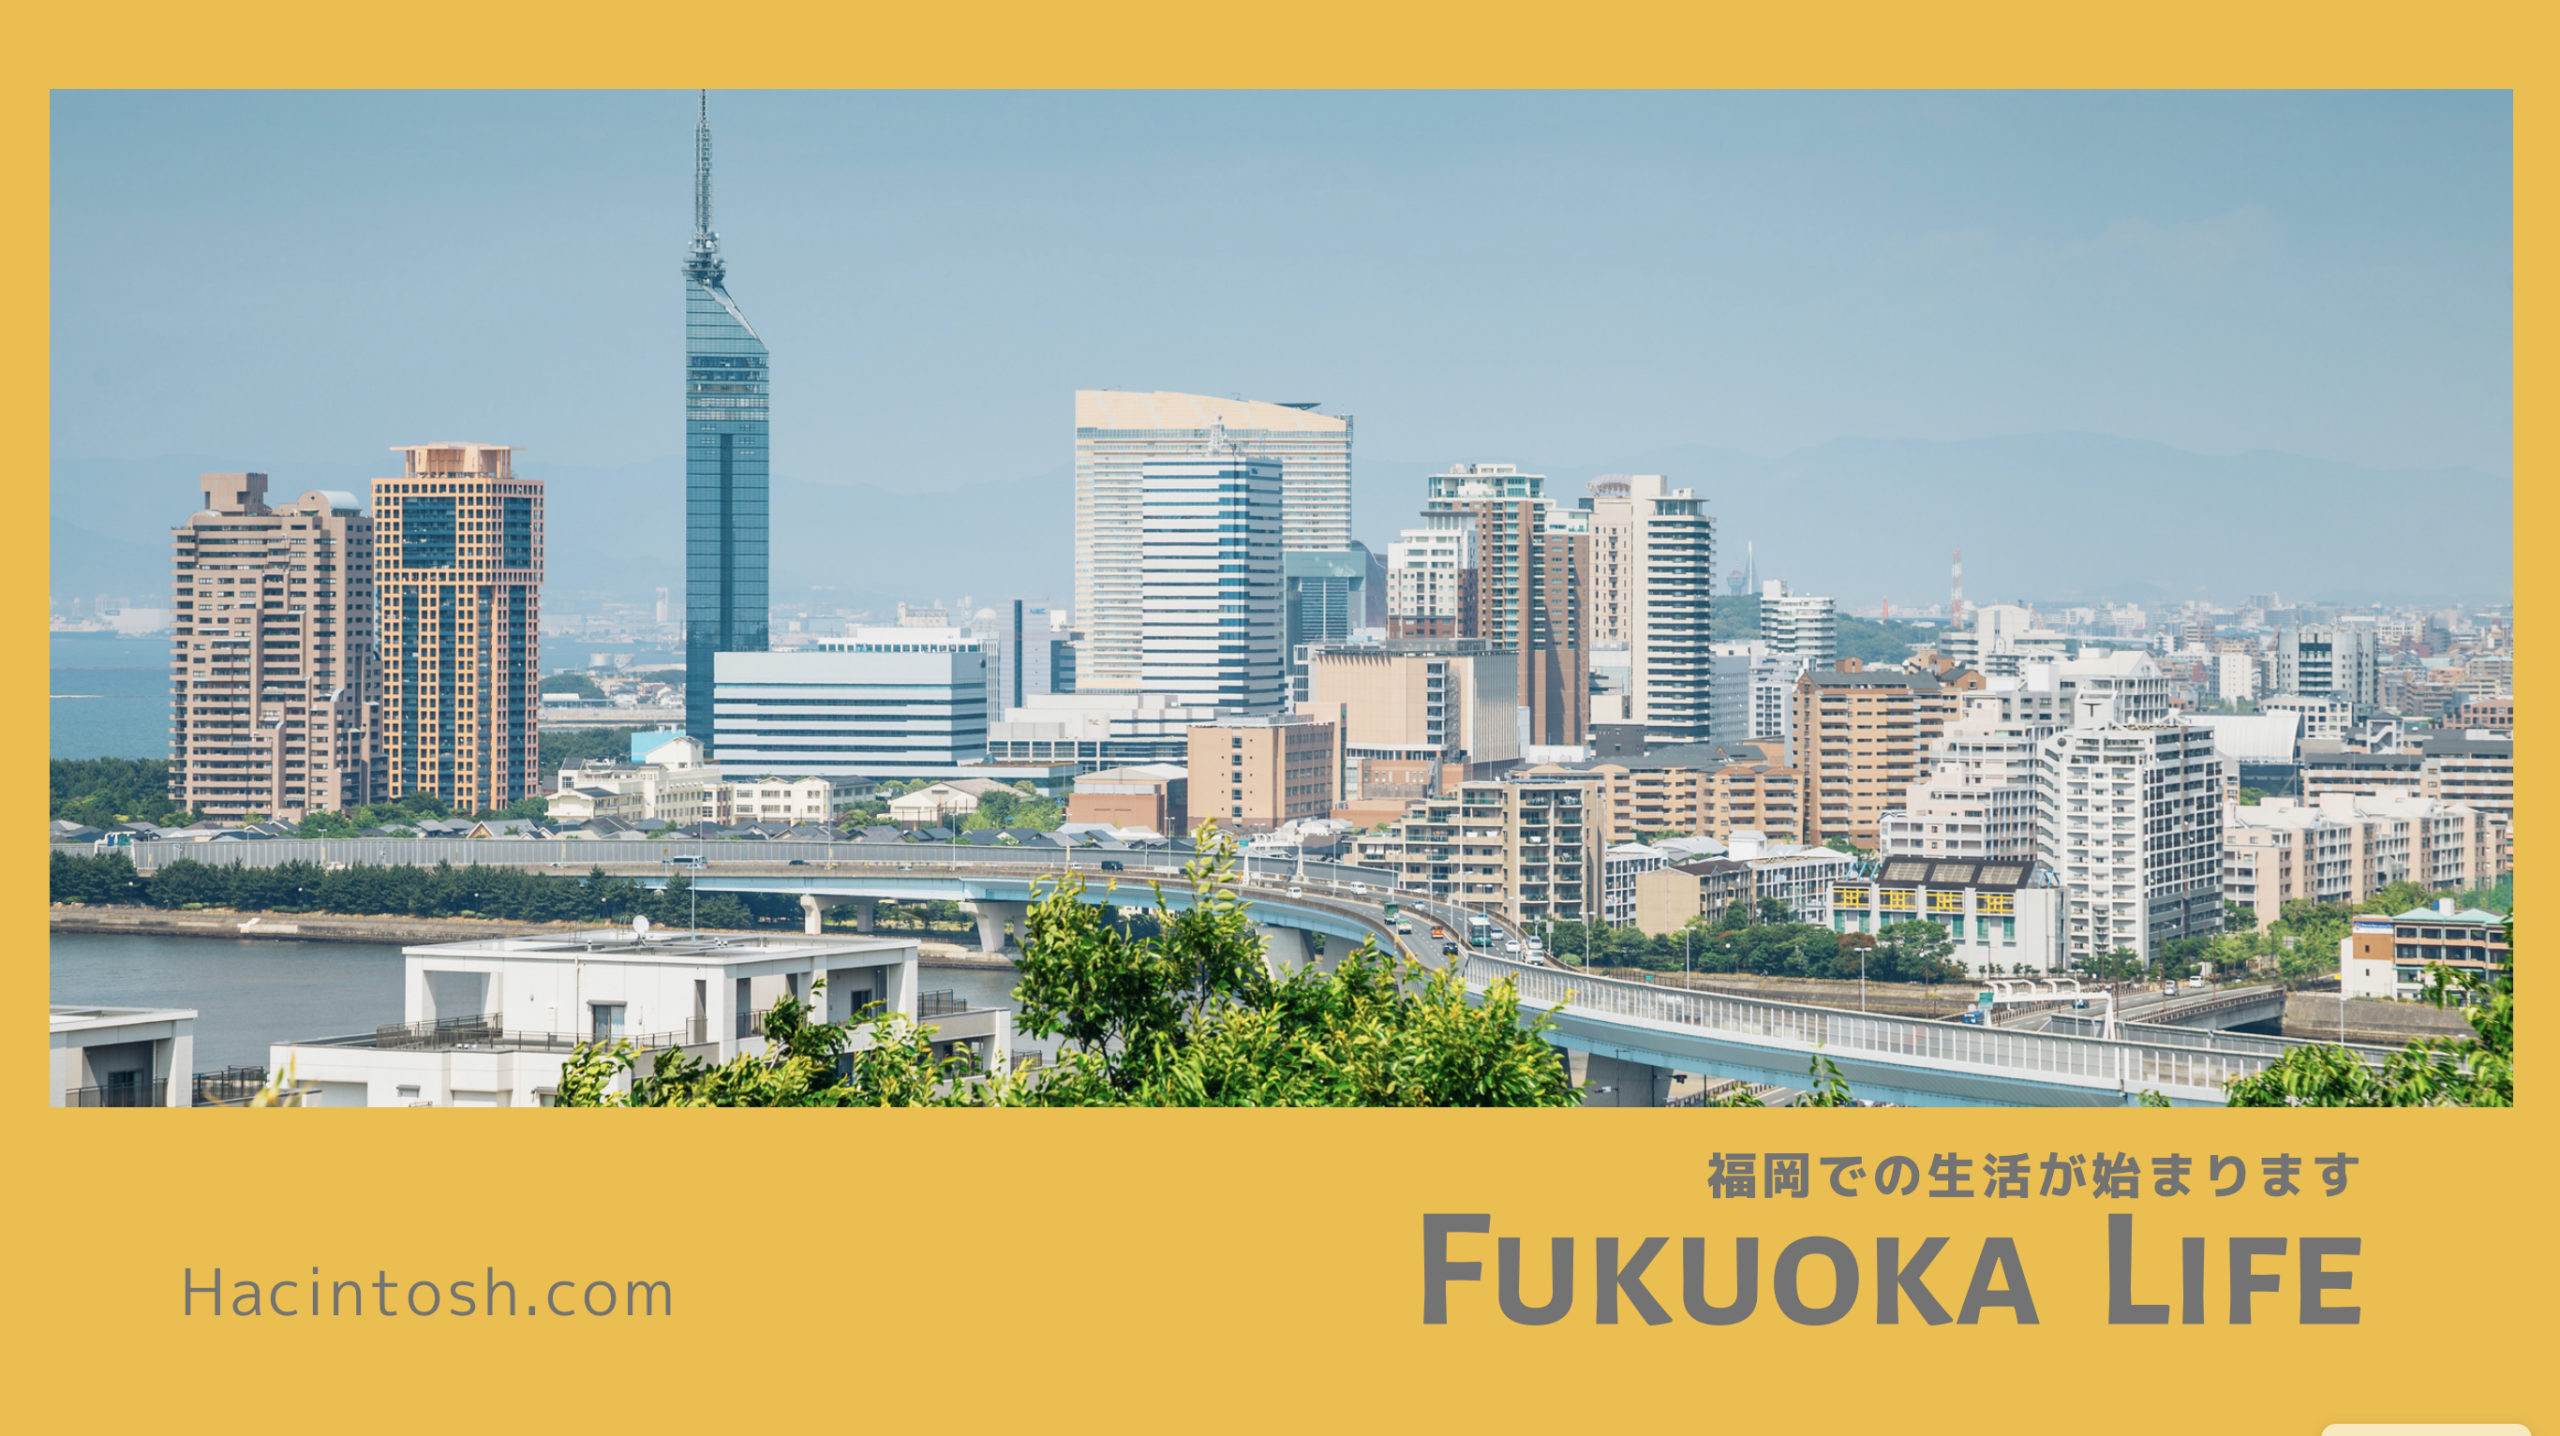 僕が福岡移住を決意した6つの魅力